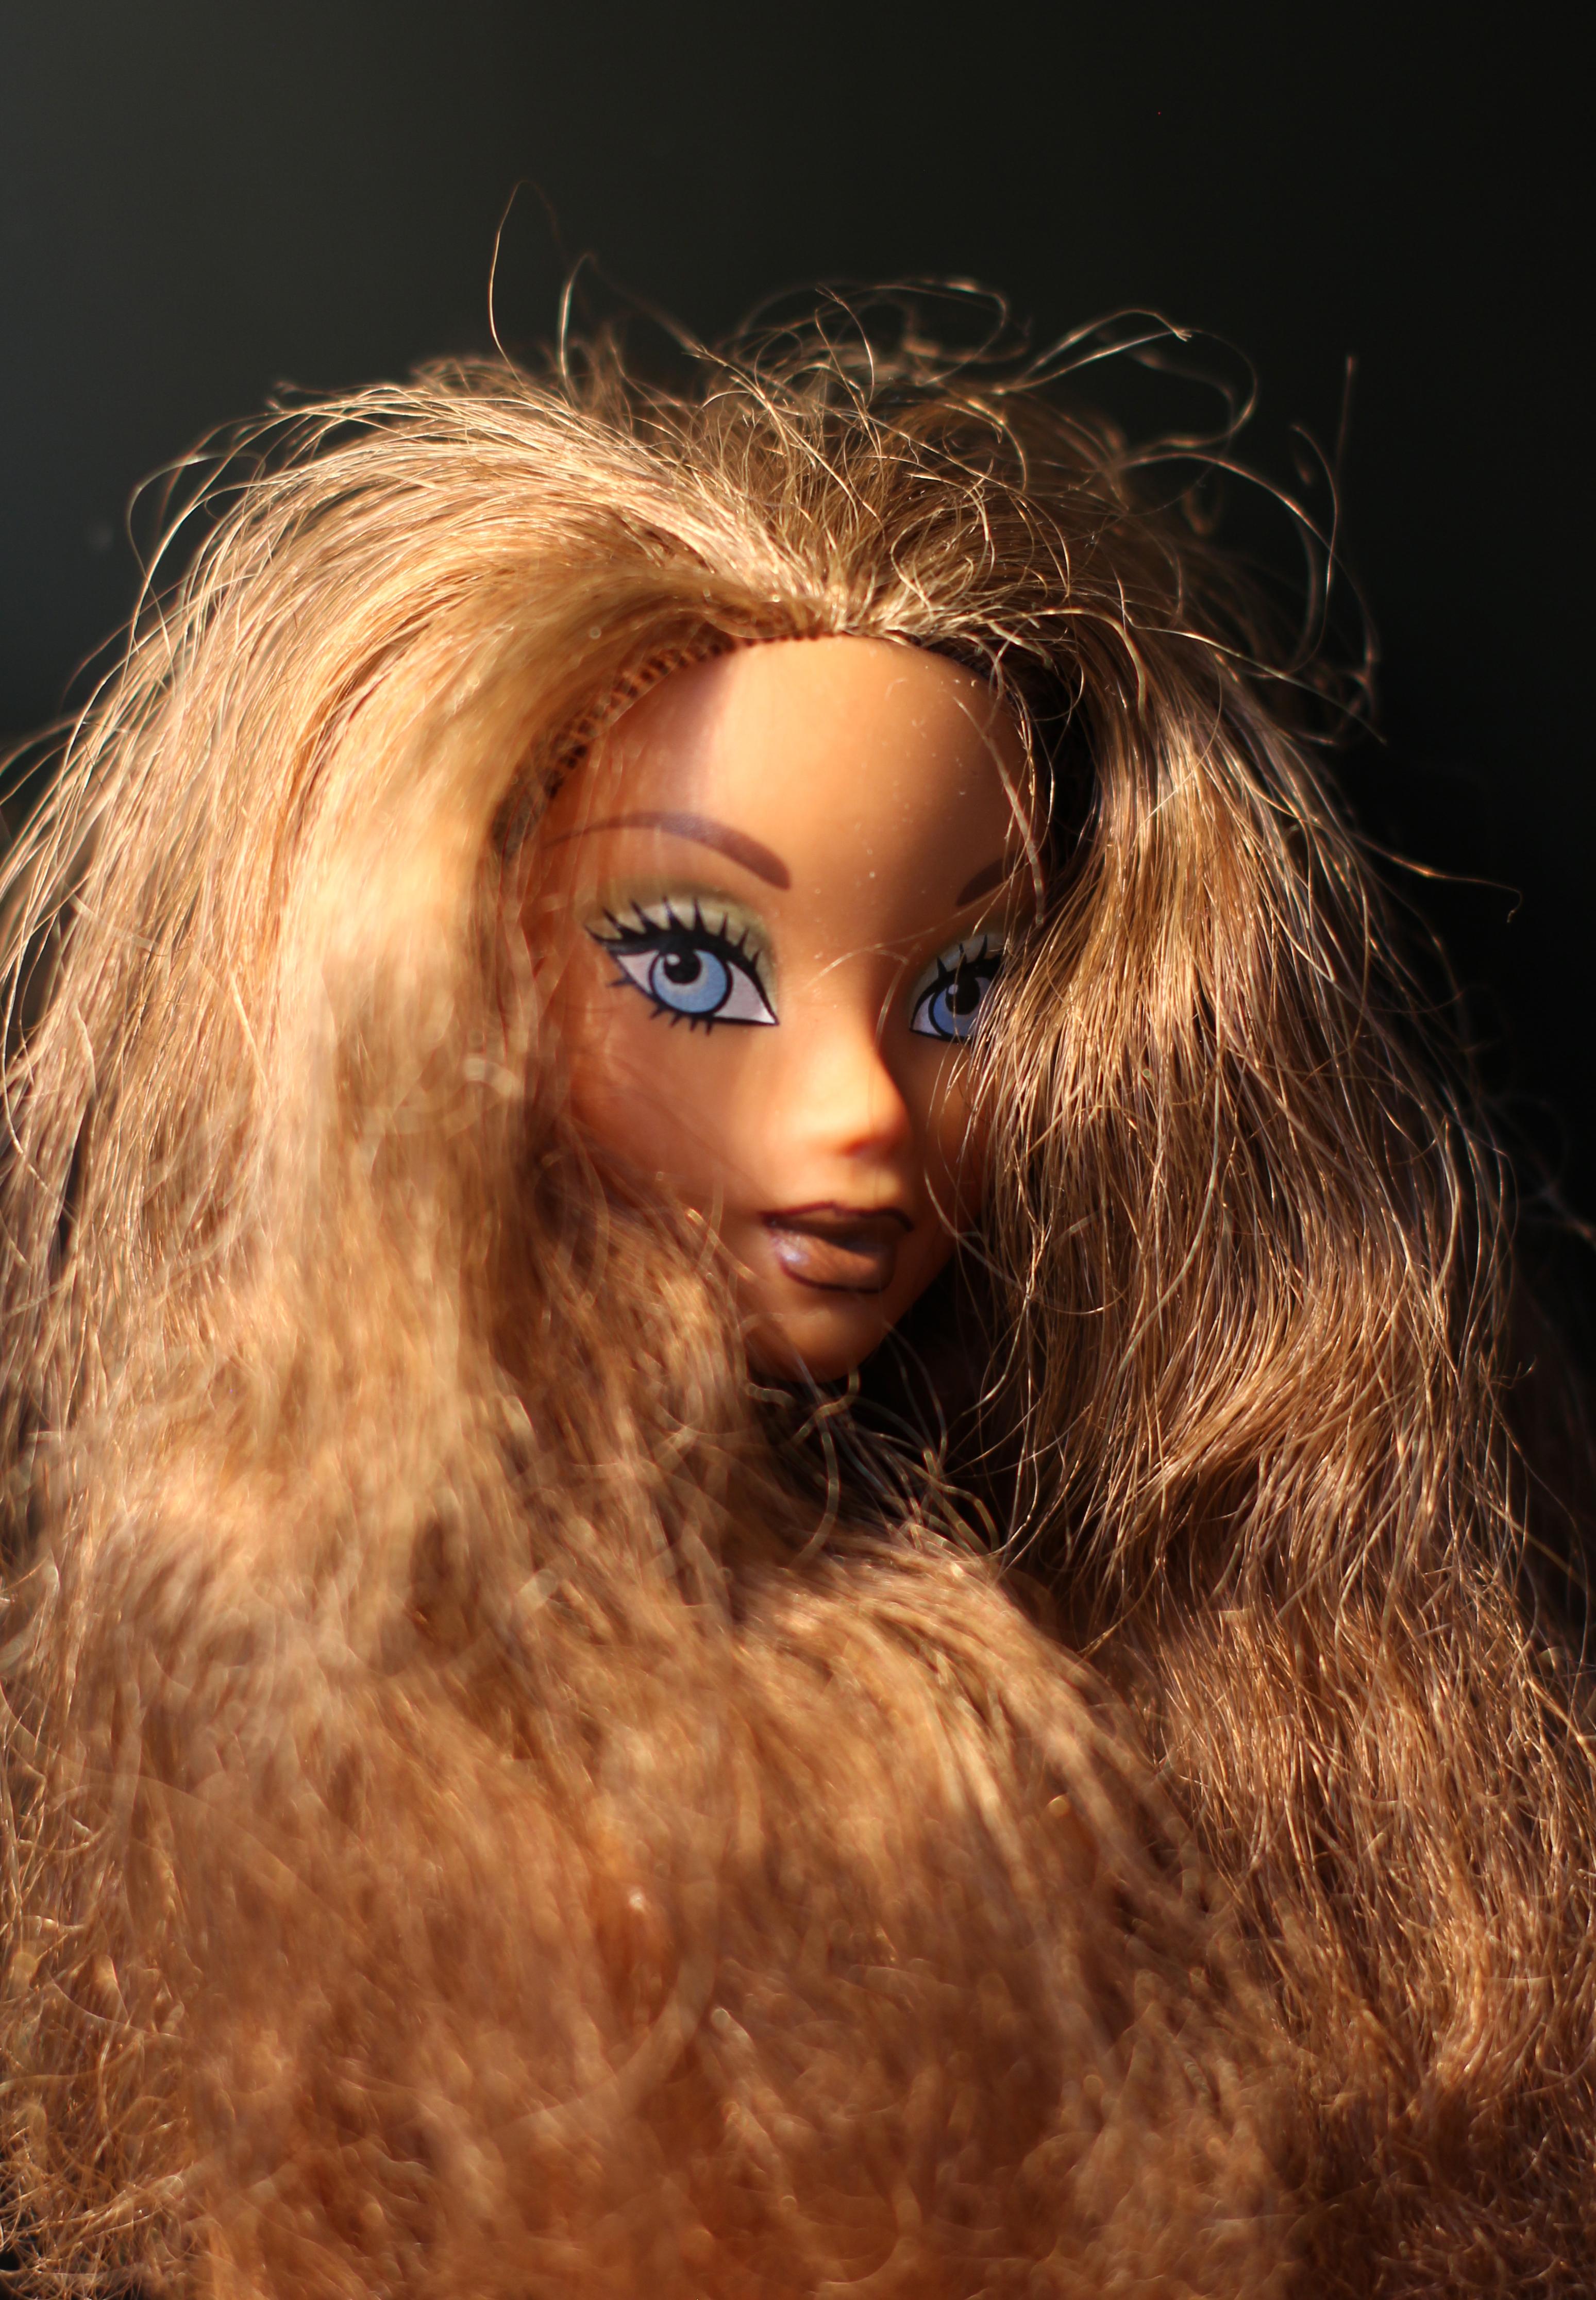 håret sort virgina meget stram sort fisse